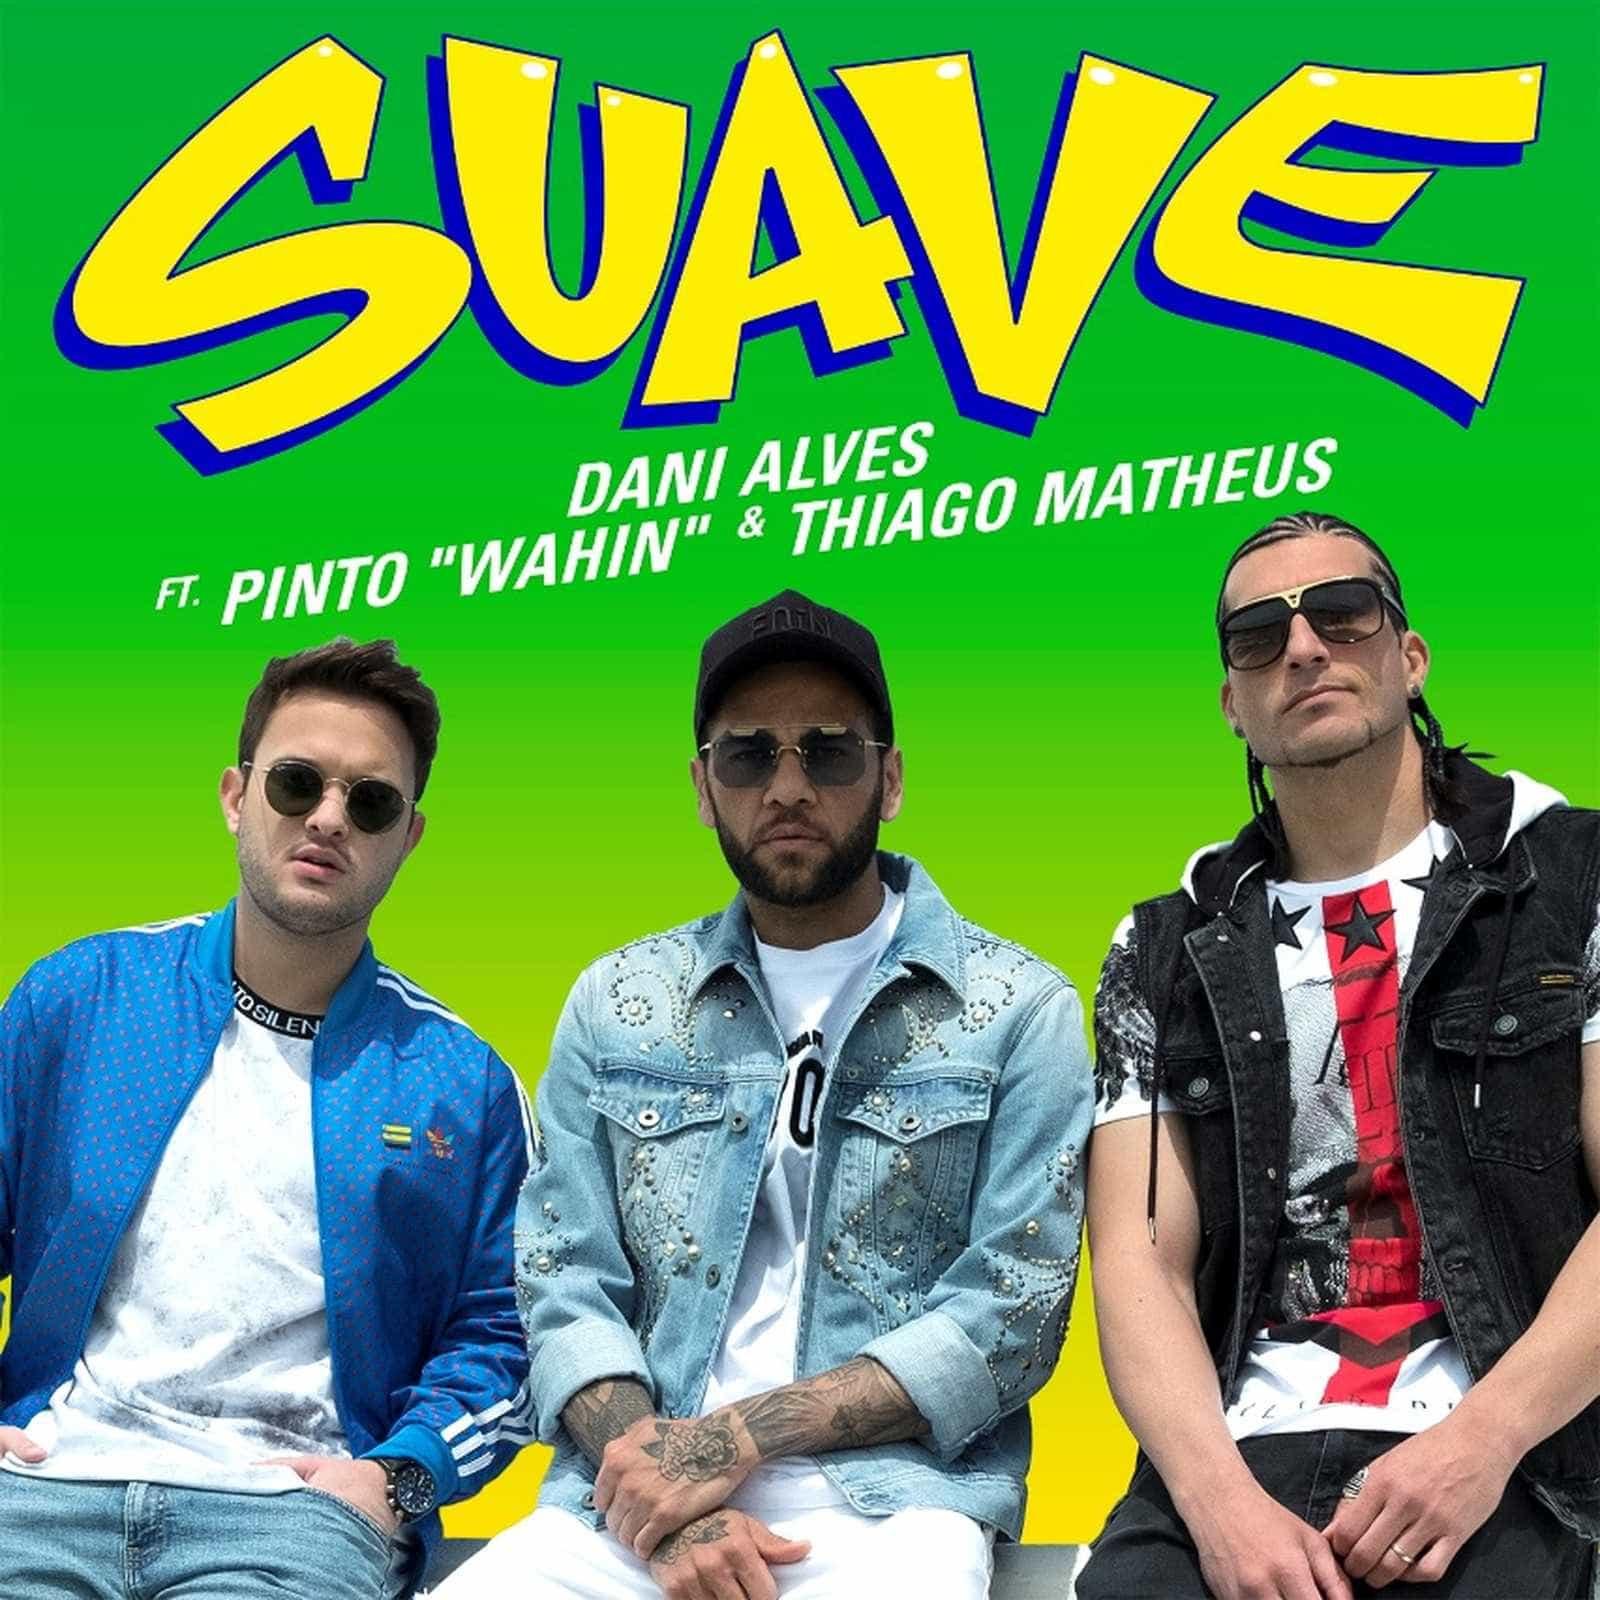 Fora da Copa, Dani Alves lançará o single 'Suave' nesta sexta